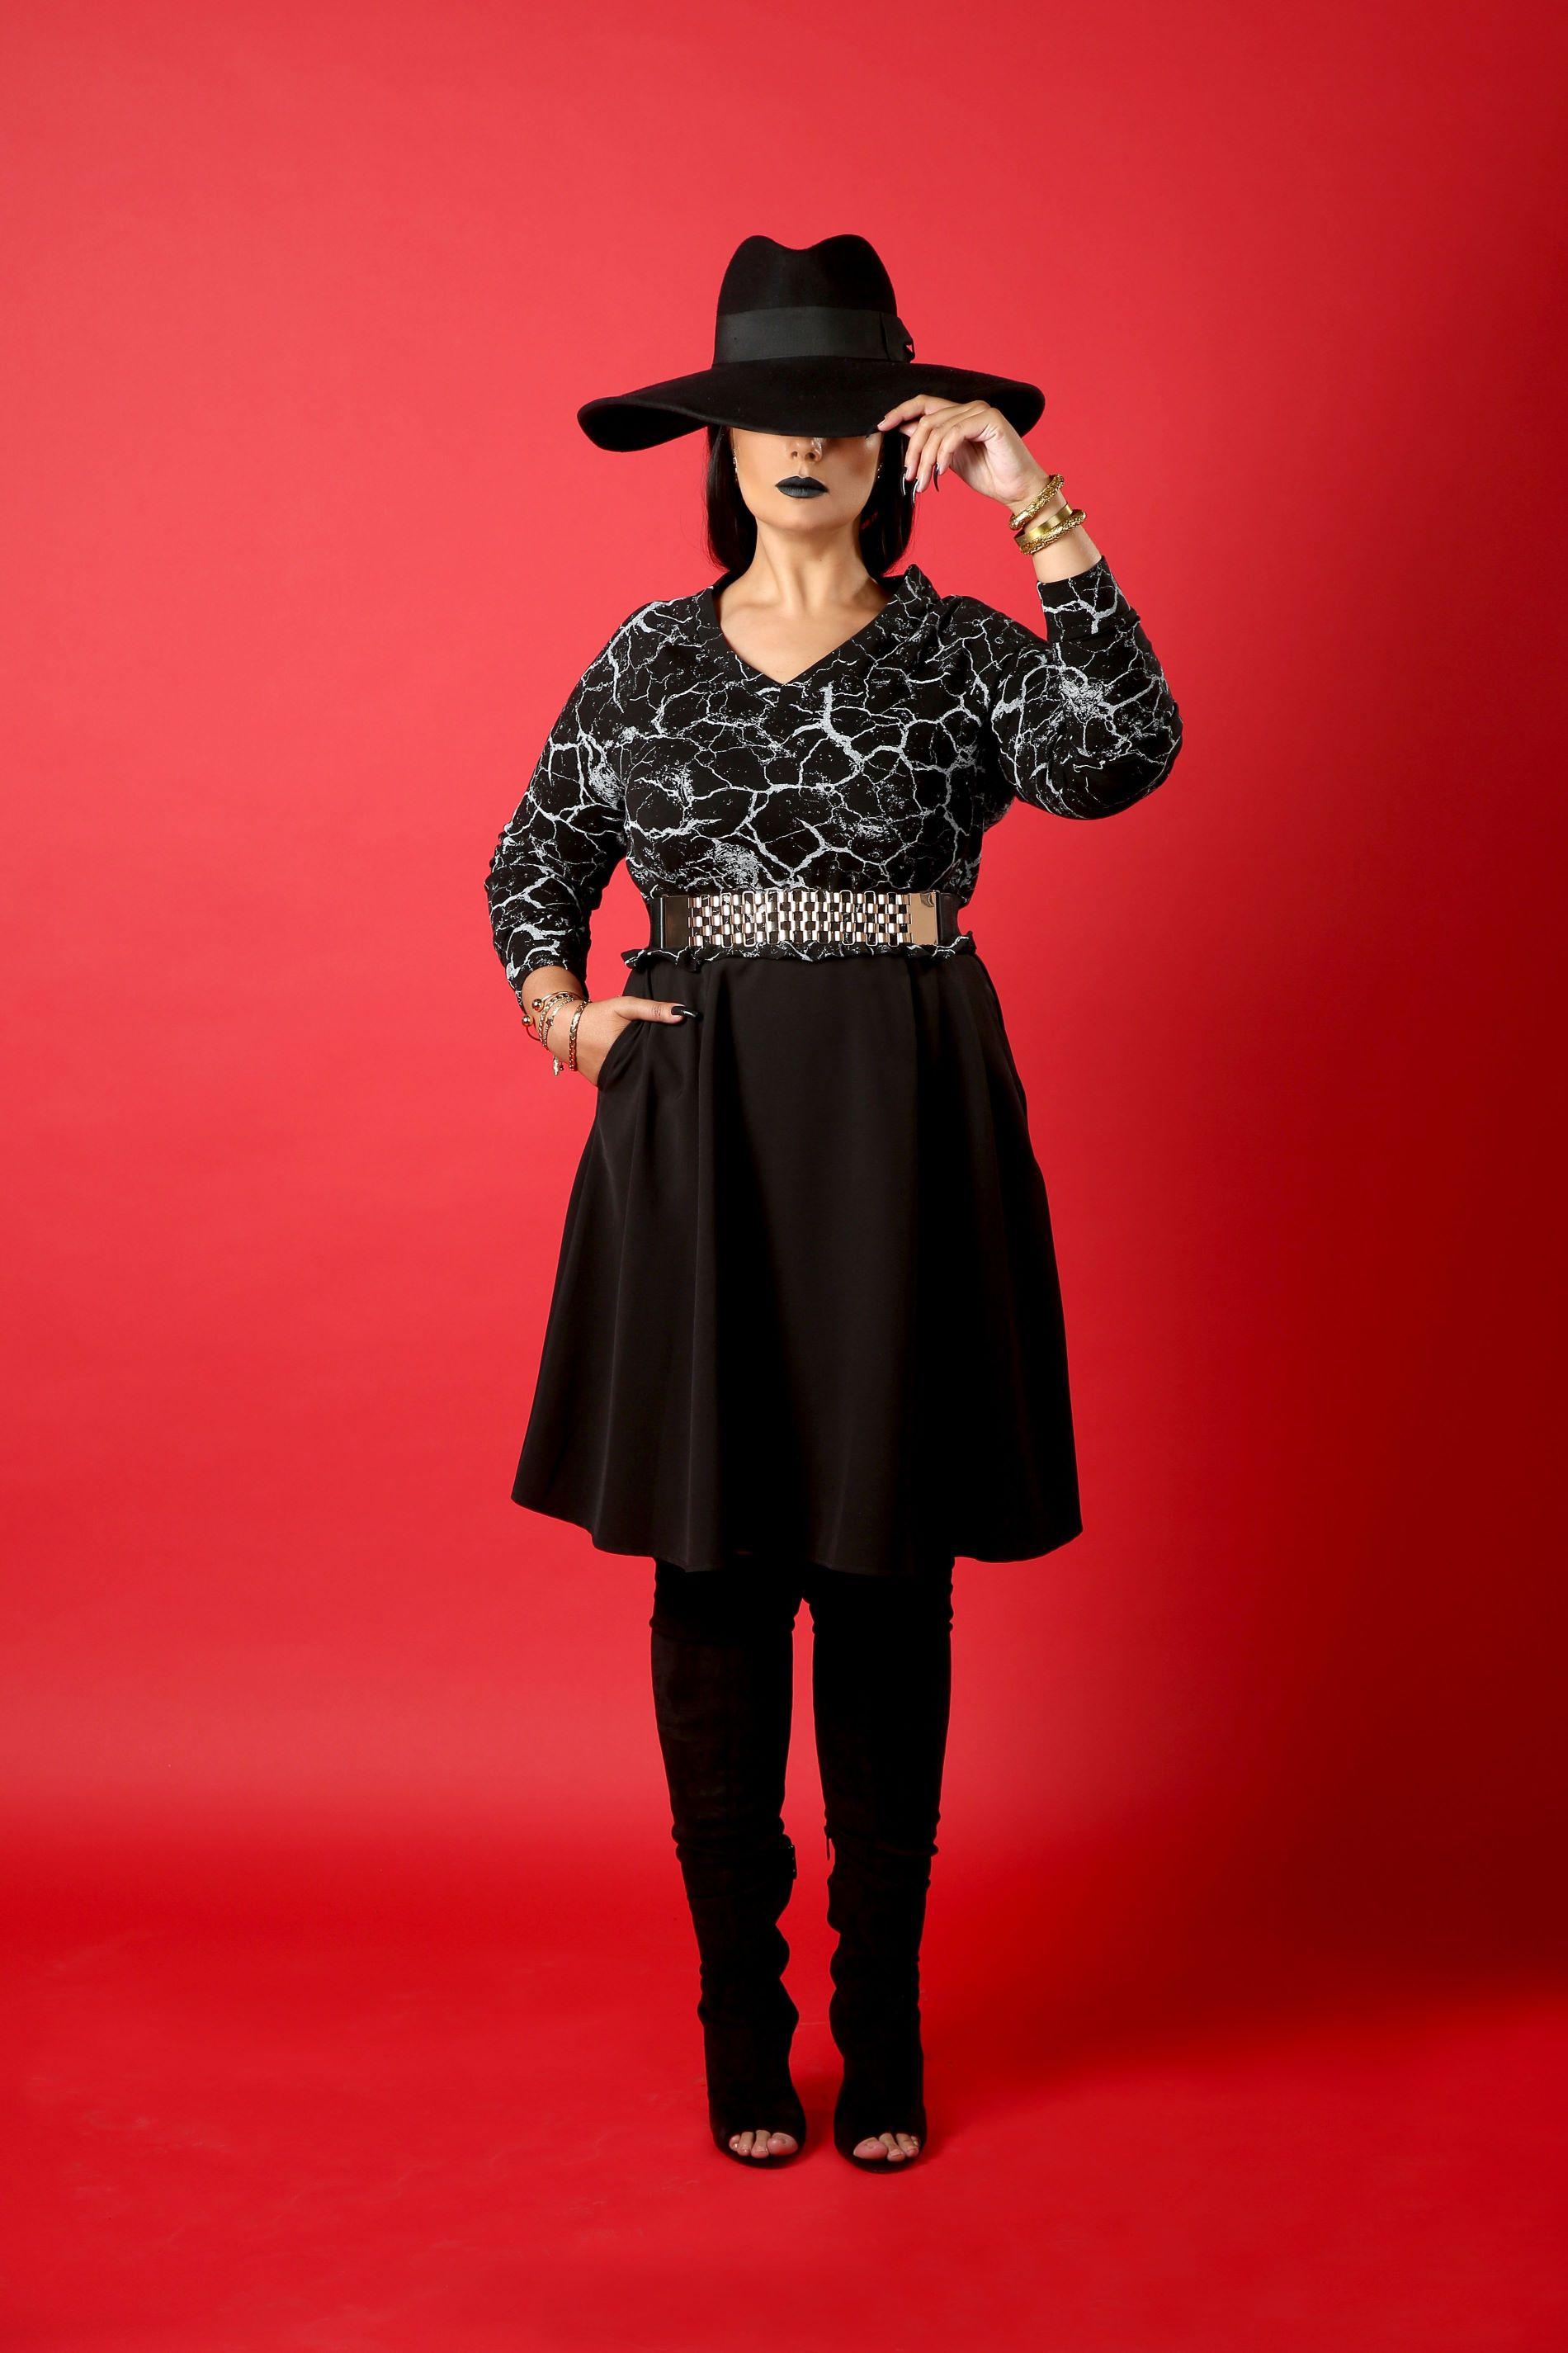 טליה לשבוע האופנה למידות גדולות 21-24.11 יד חרוצים 11 תל אביב צילום נעמי ים סוף